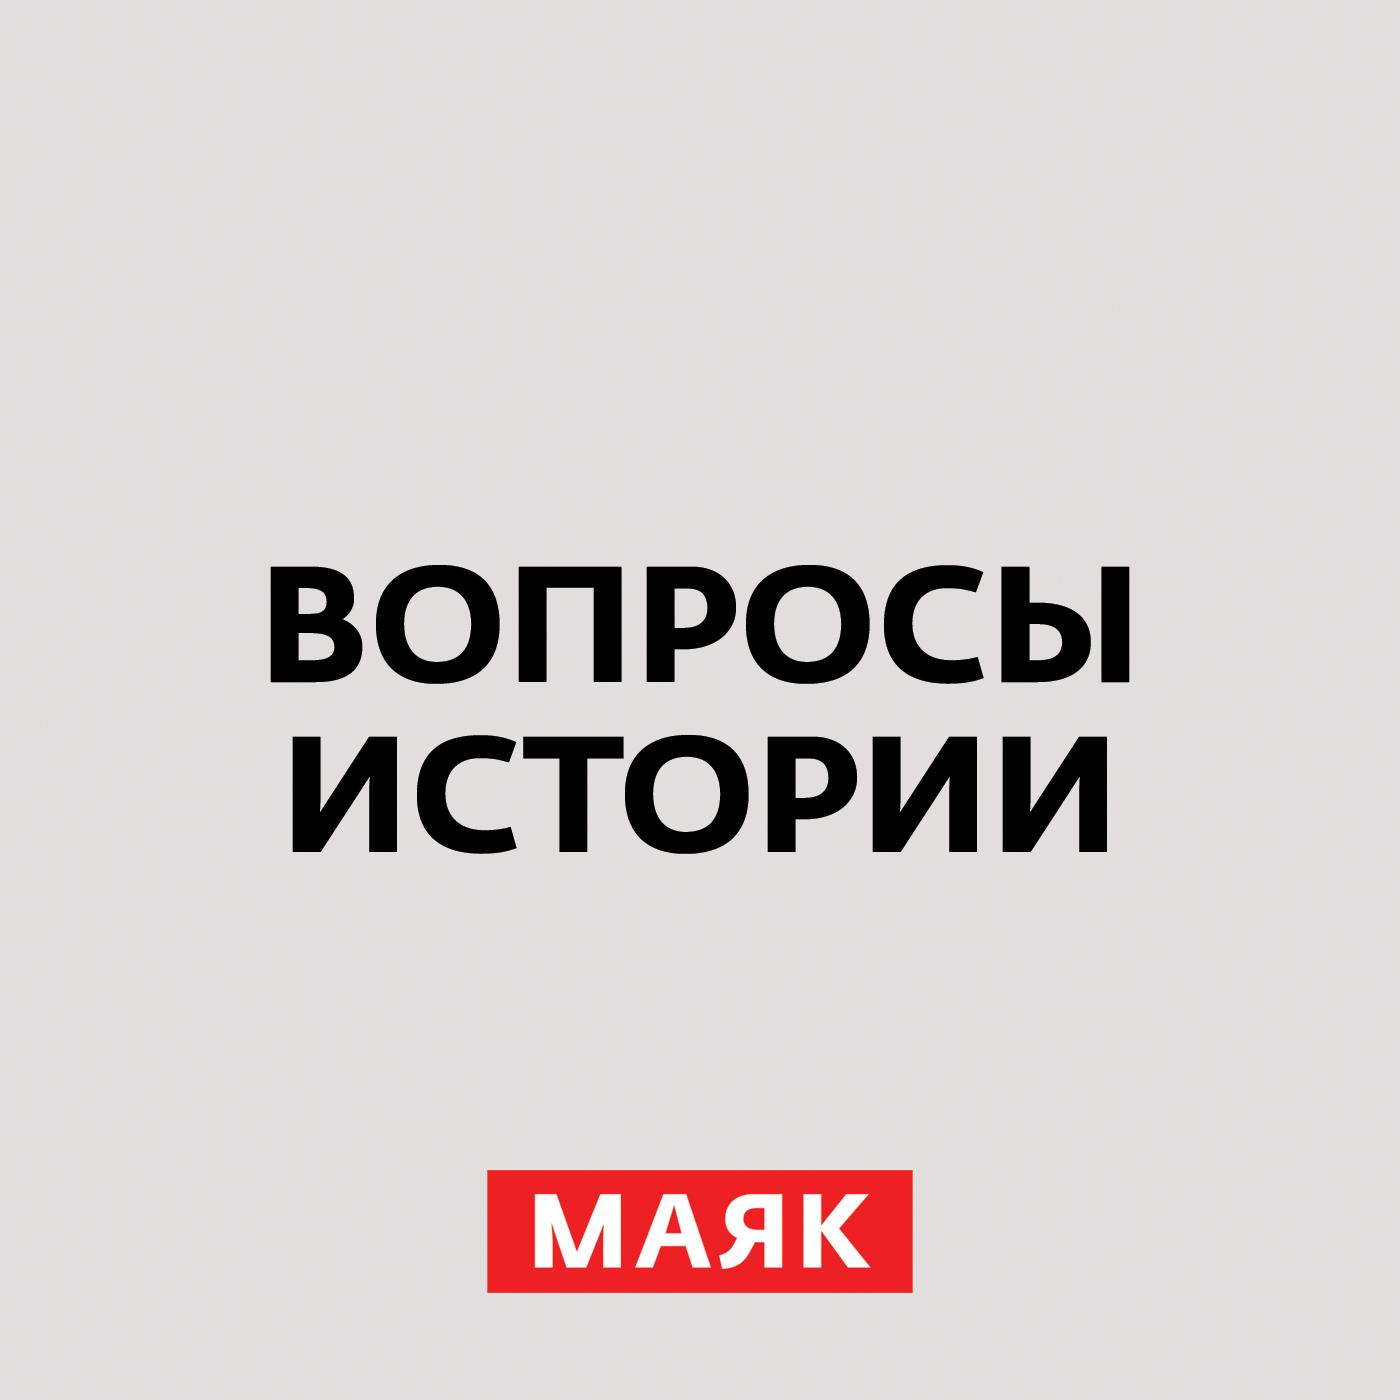 Андрей Светенко Русско-турецкие войны: парадоксальное и малоизвестное. Часть 1 андрей светенко русско турецкие войны парадоксальное и малоизвестное часть 3